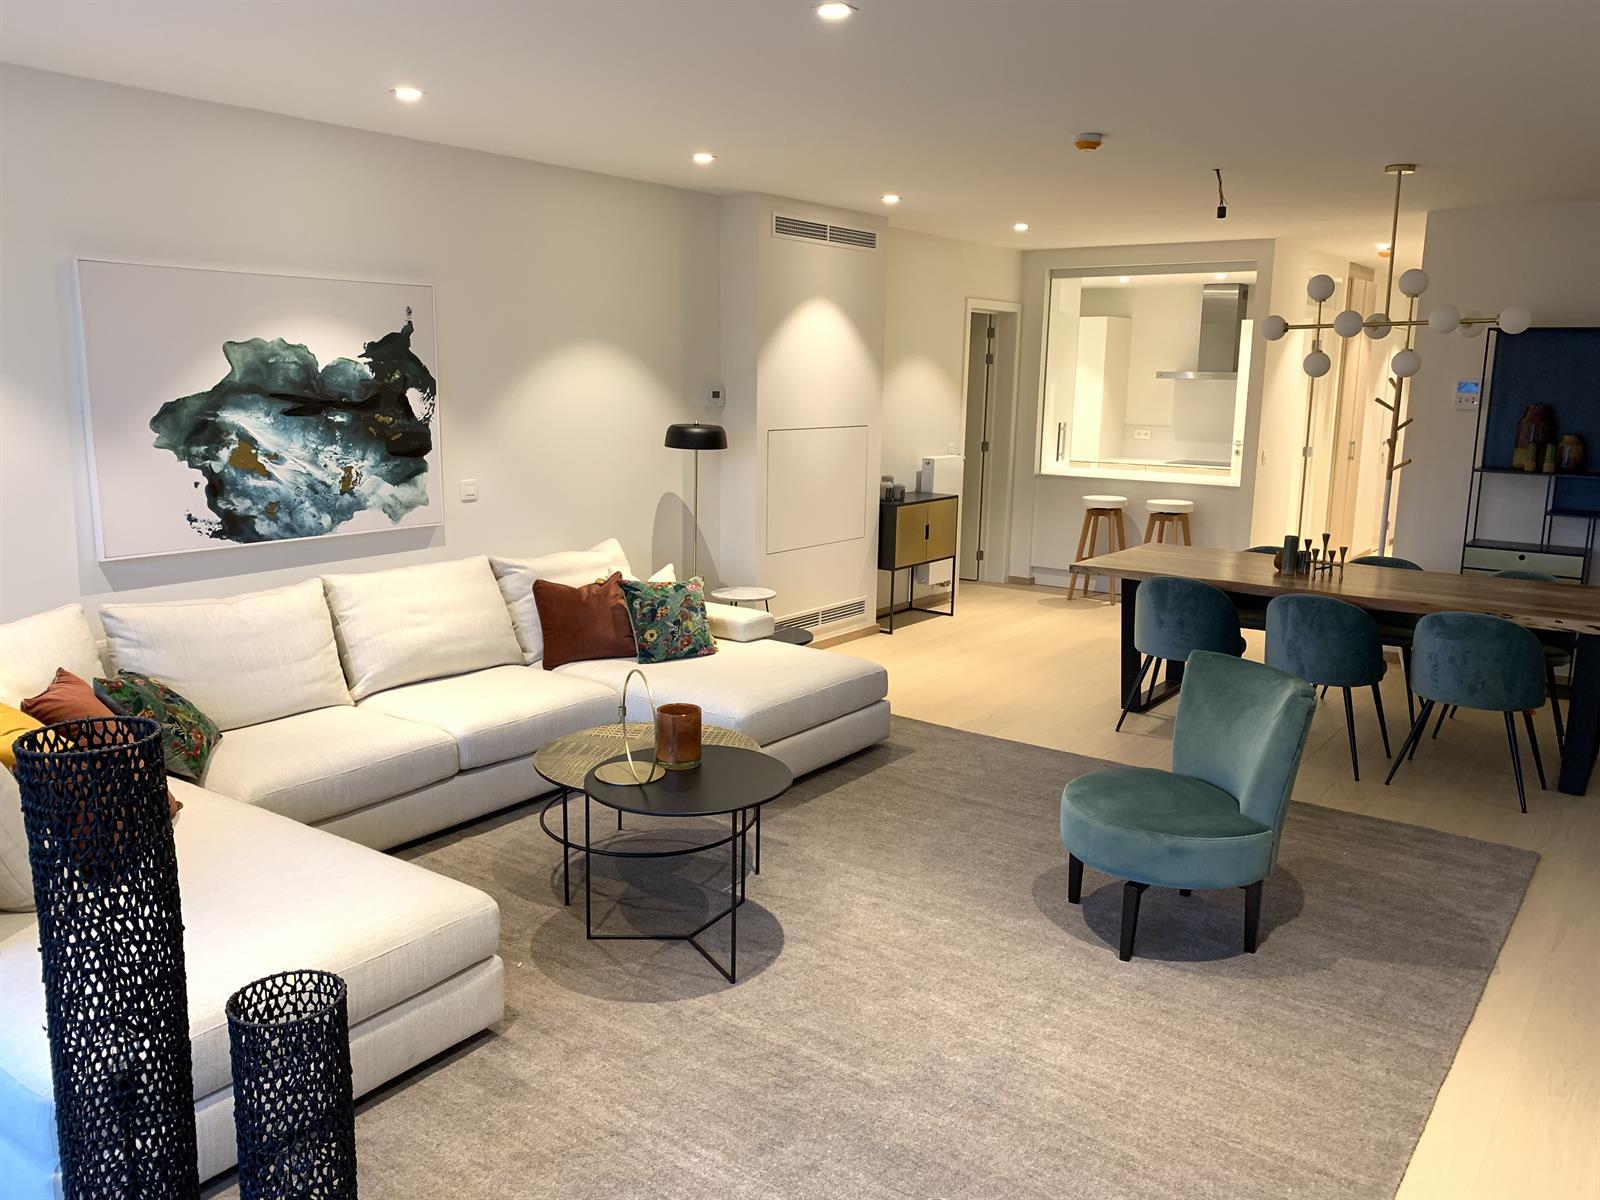 Appartement exceptionnel - Ixelles - #3918748-0